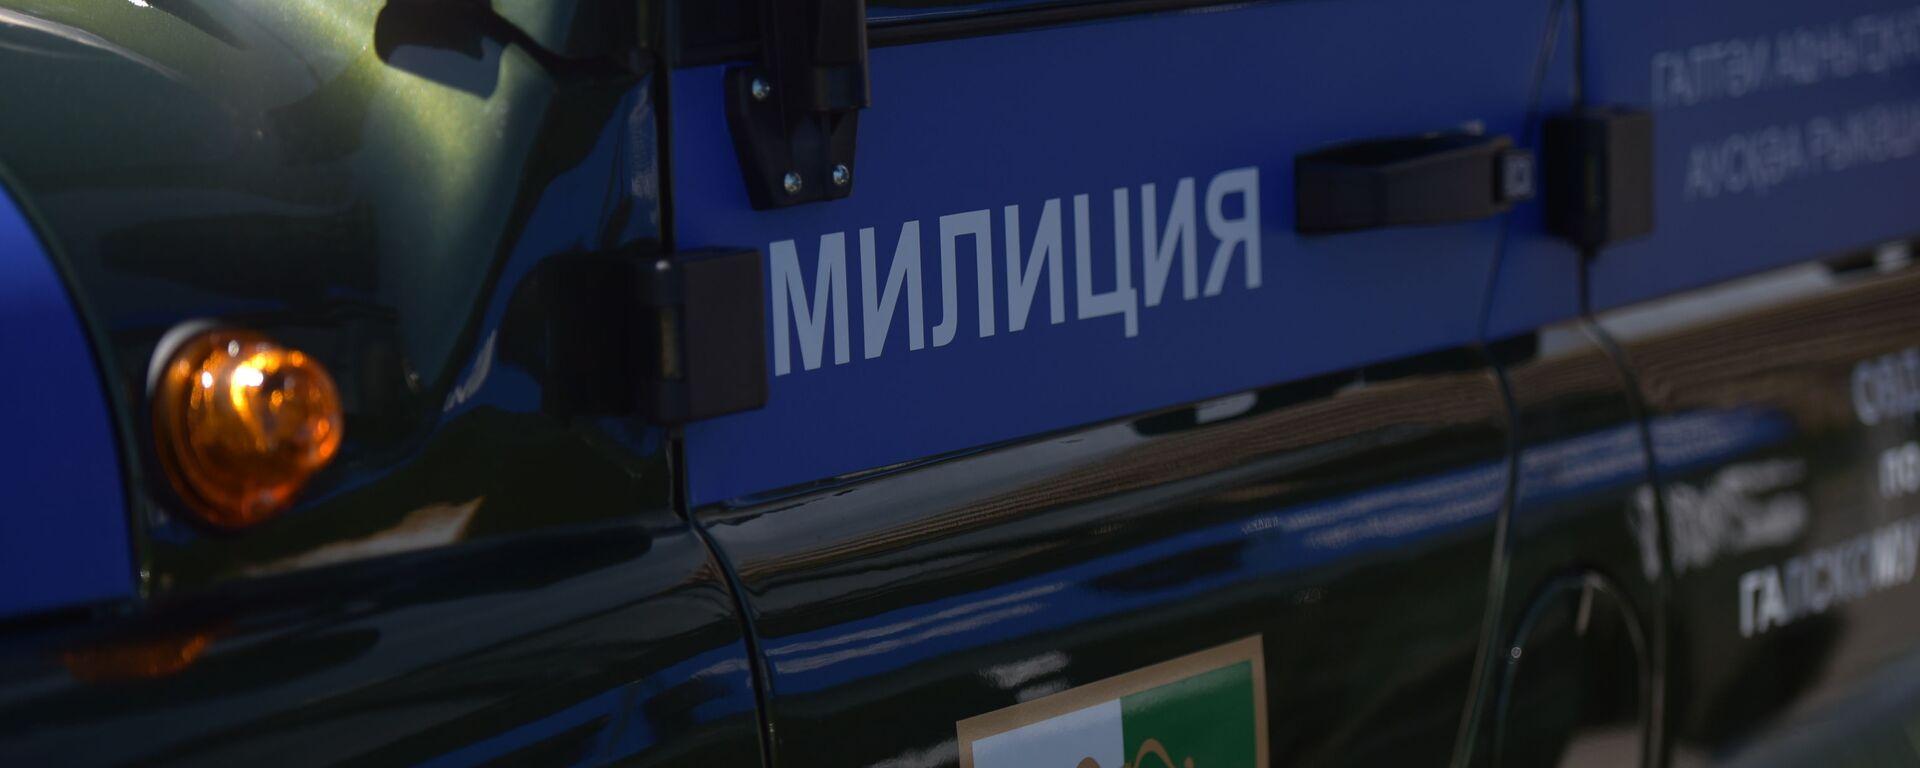 Патрульные машины МВД Абхазии  - Sputnik Аҧсны, 1920, 25.05.2021